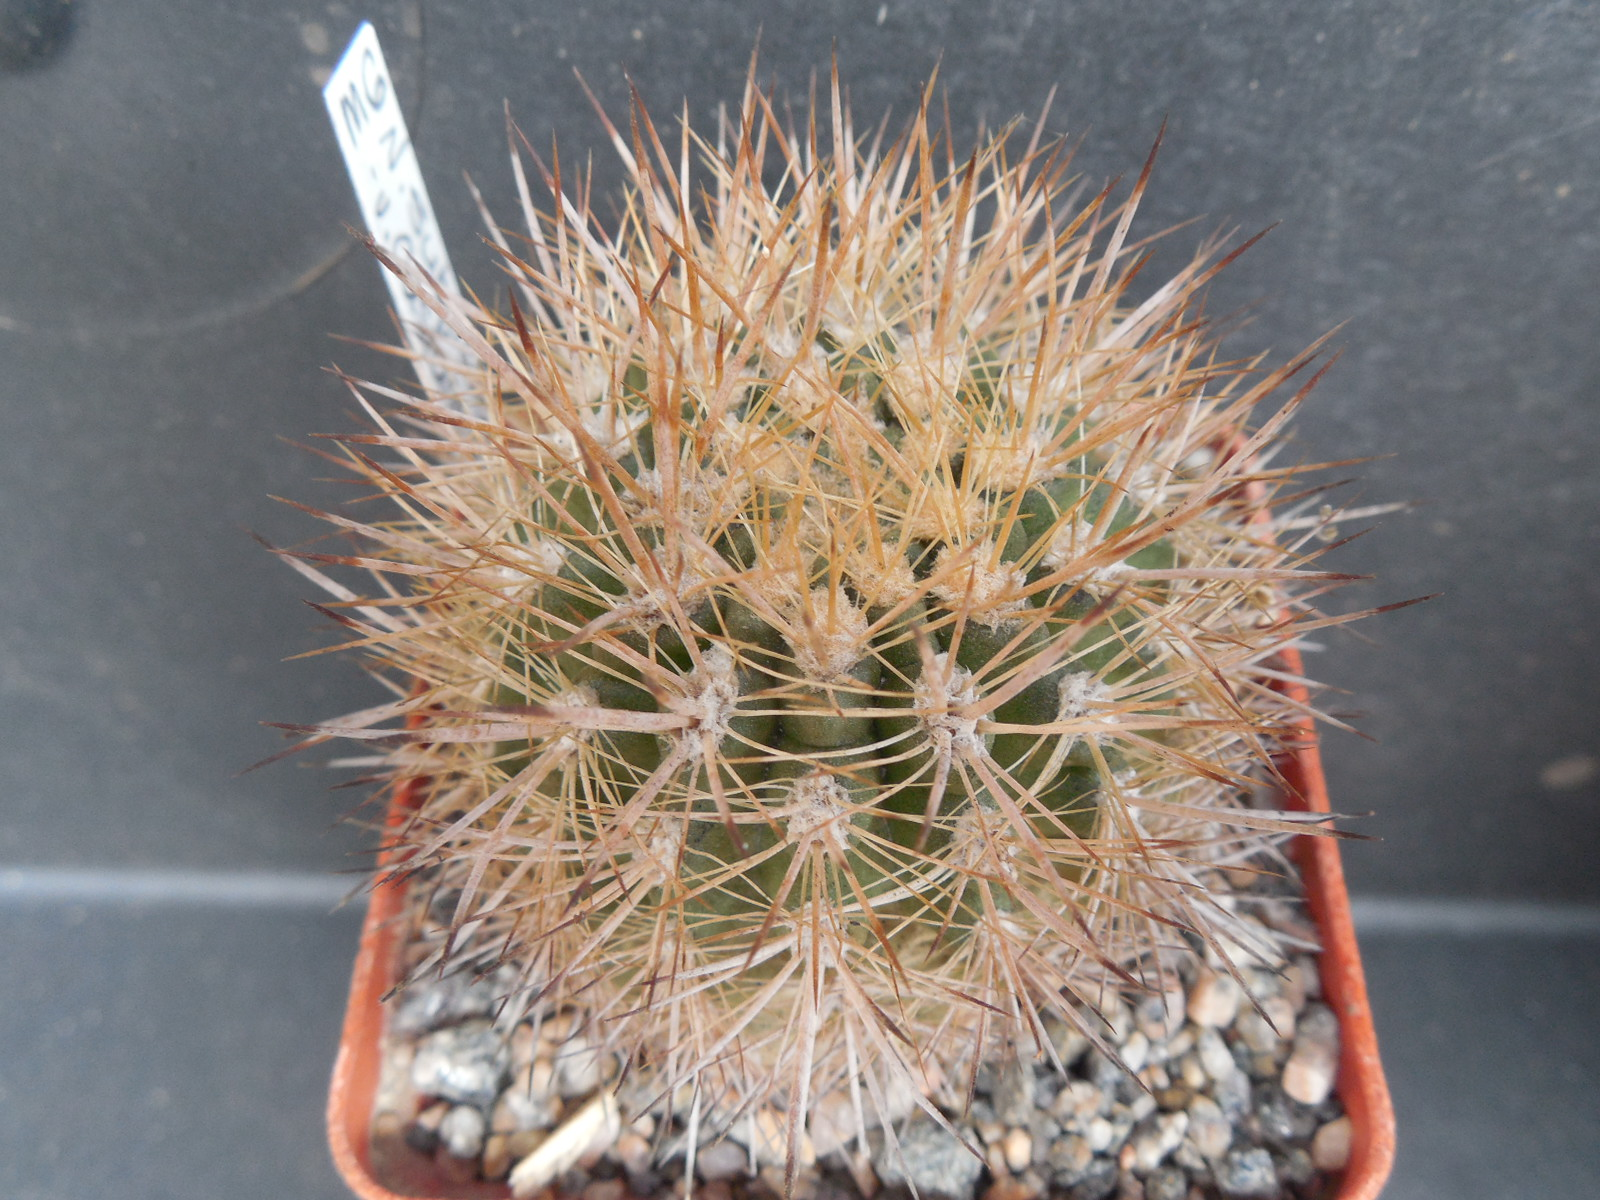 Neoporteria castaneoides (Cels) Werd